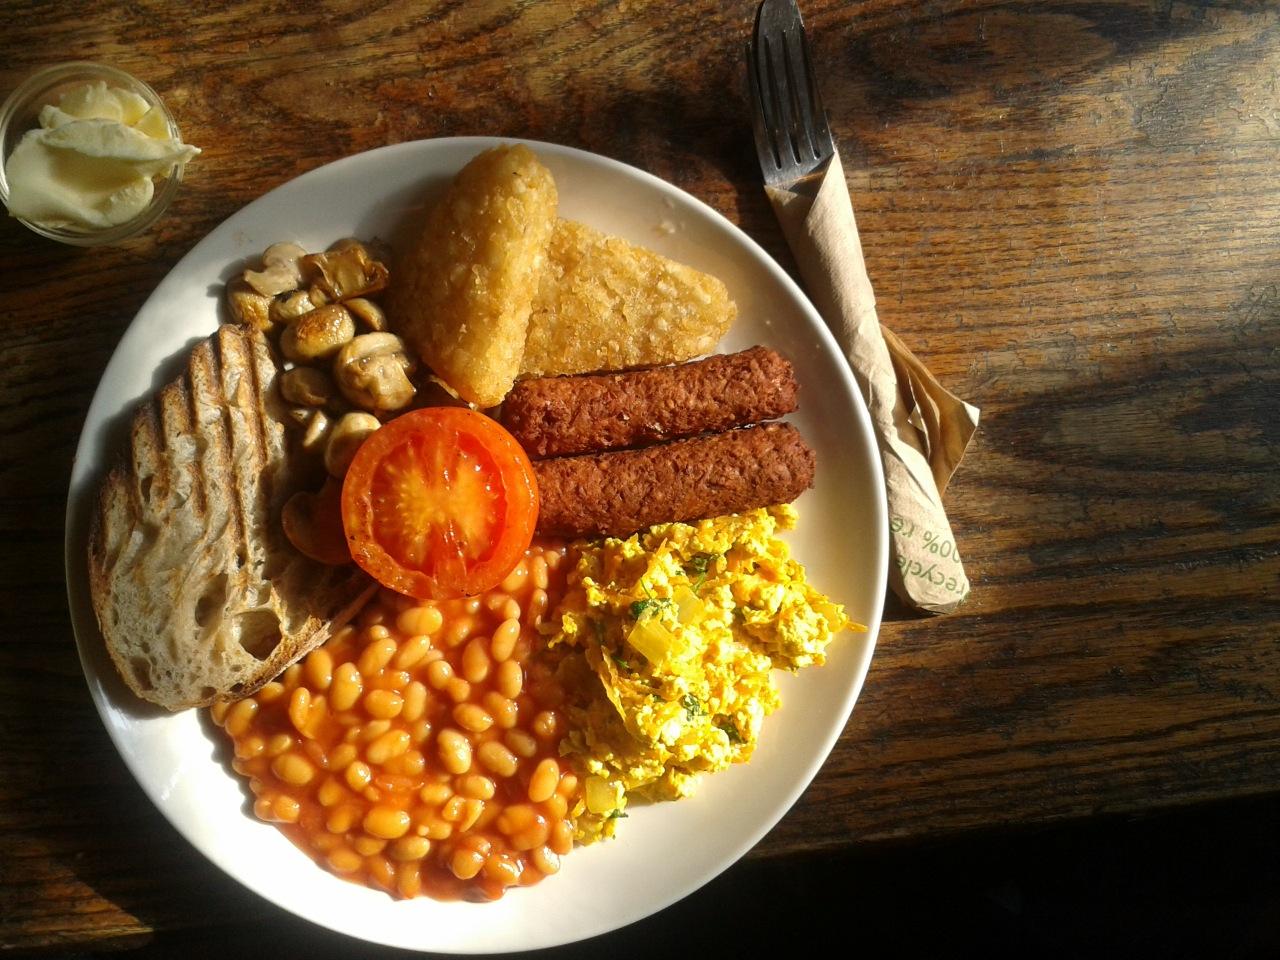 http://fatgayvegan.com/wp-content/uploads/2014/04/breakfast-gallery-cafe.jpg